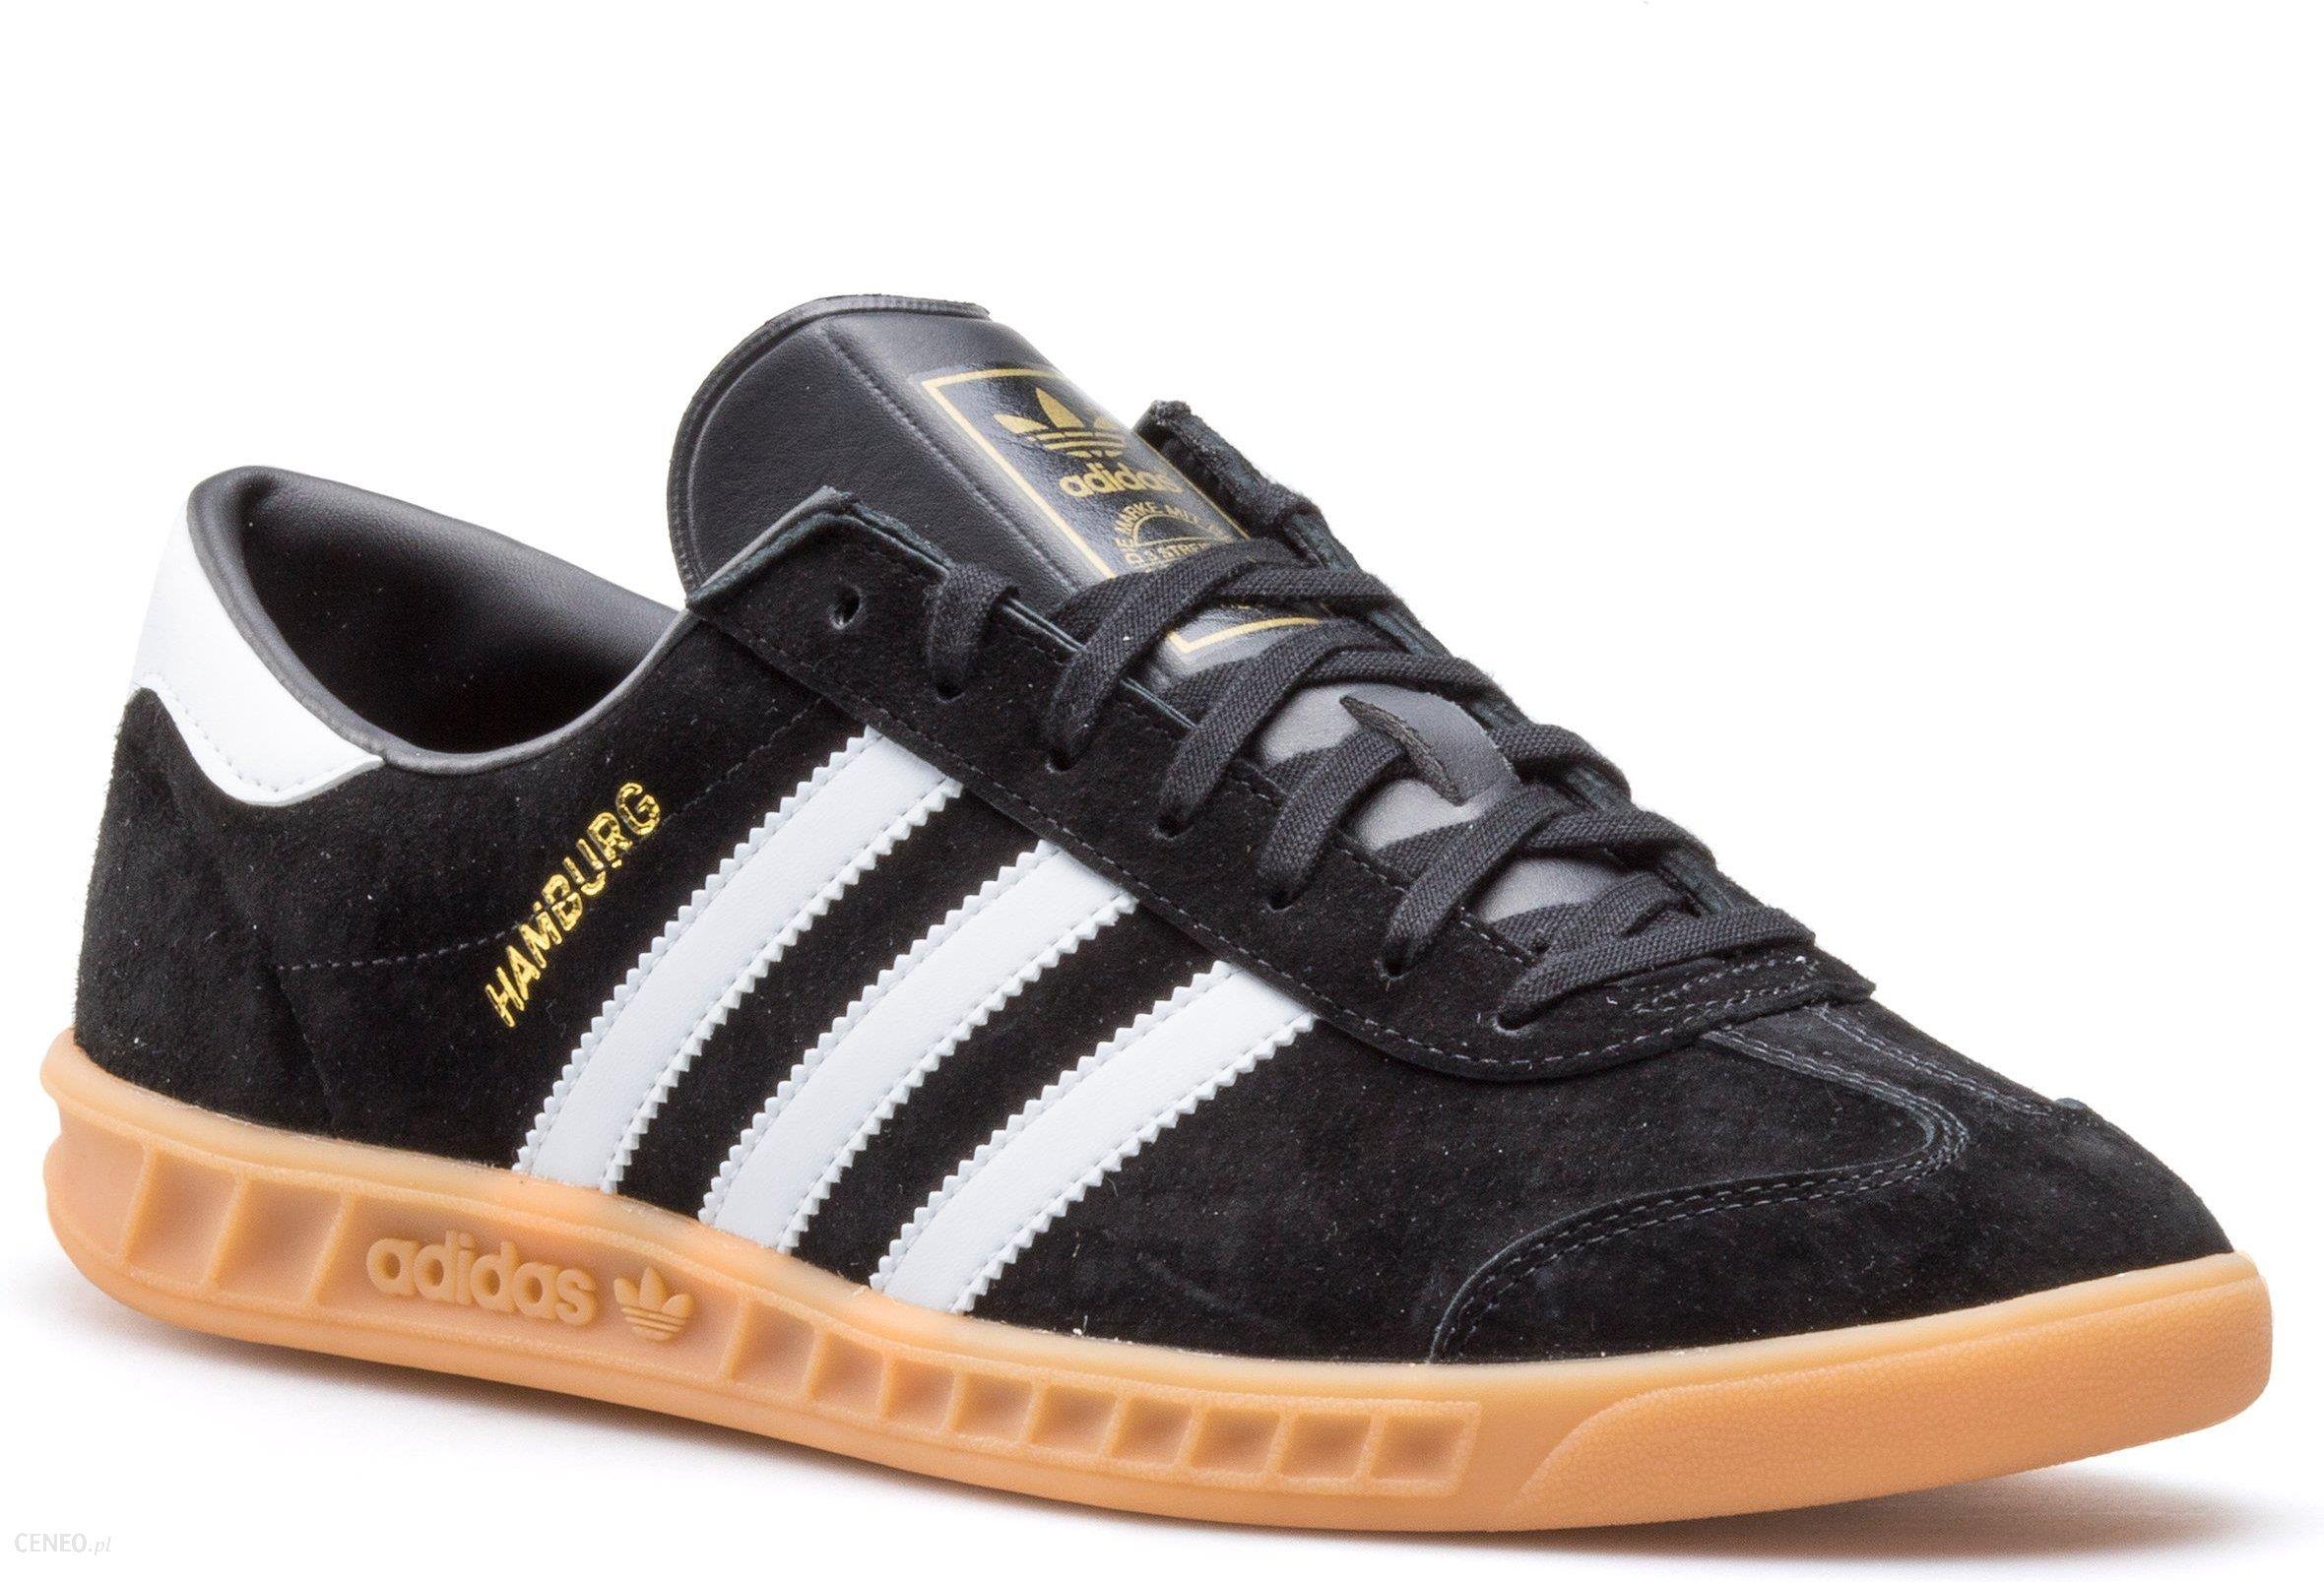 Buty męskie adidas Hamburg S76696 r. 41 13 Ceny i opinie Ceneo.pl